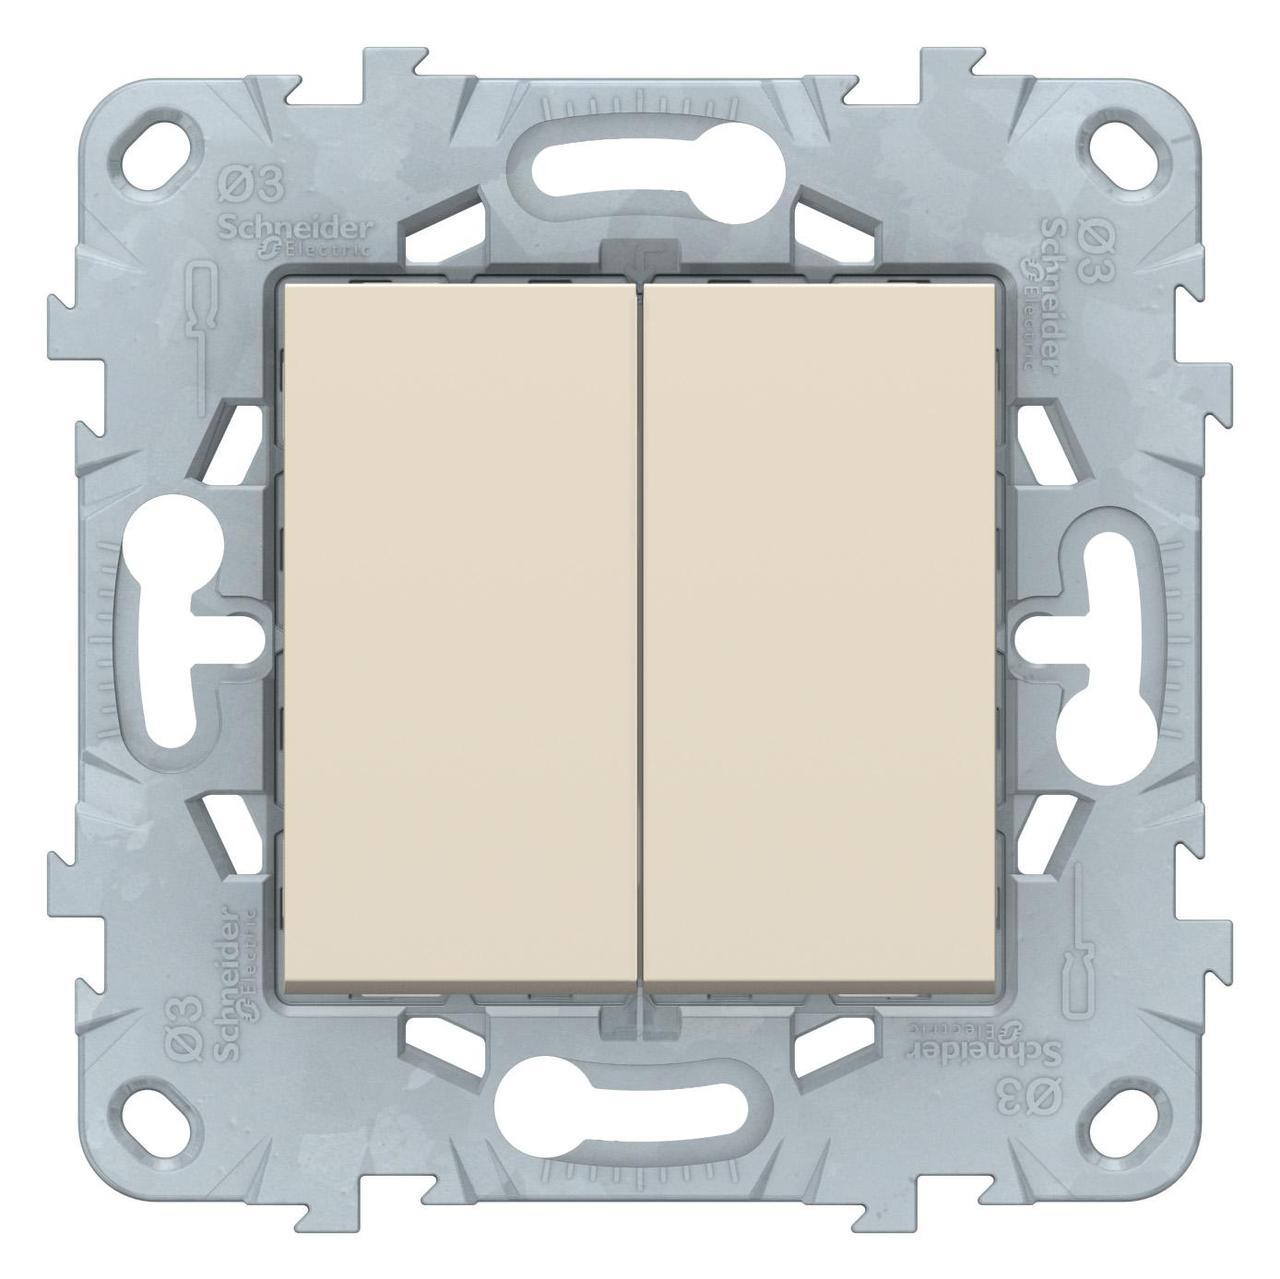 Выключатель 2-клавишный проходной (с двух мест) , Бежевый, серия Unica New, Schneider Electric